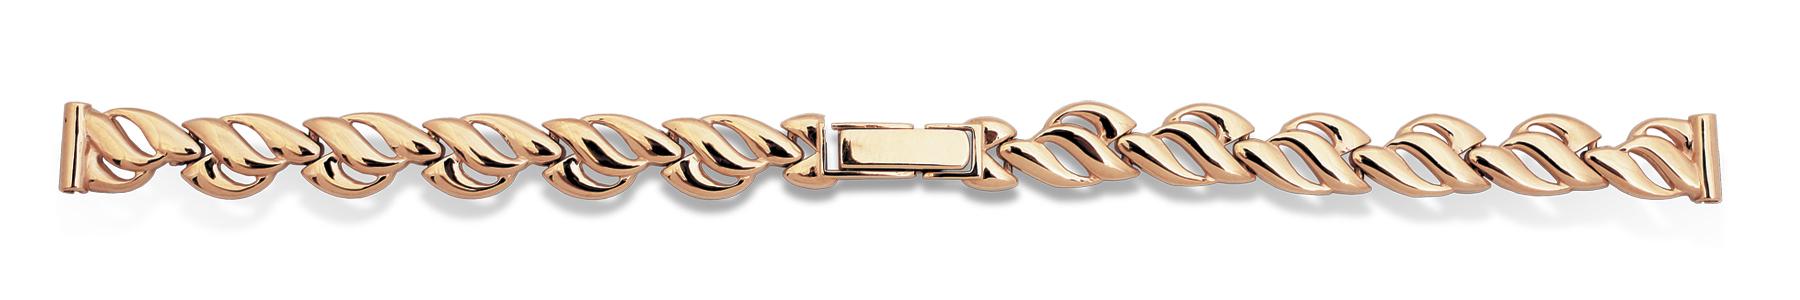 Женские браслеты из золота часовые